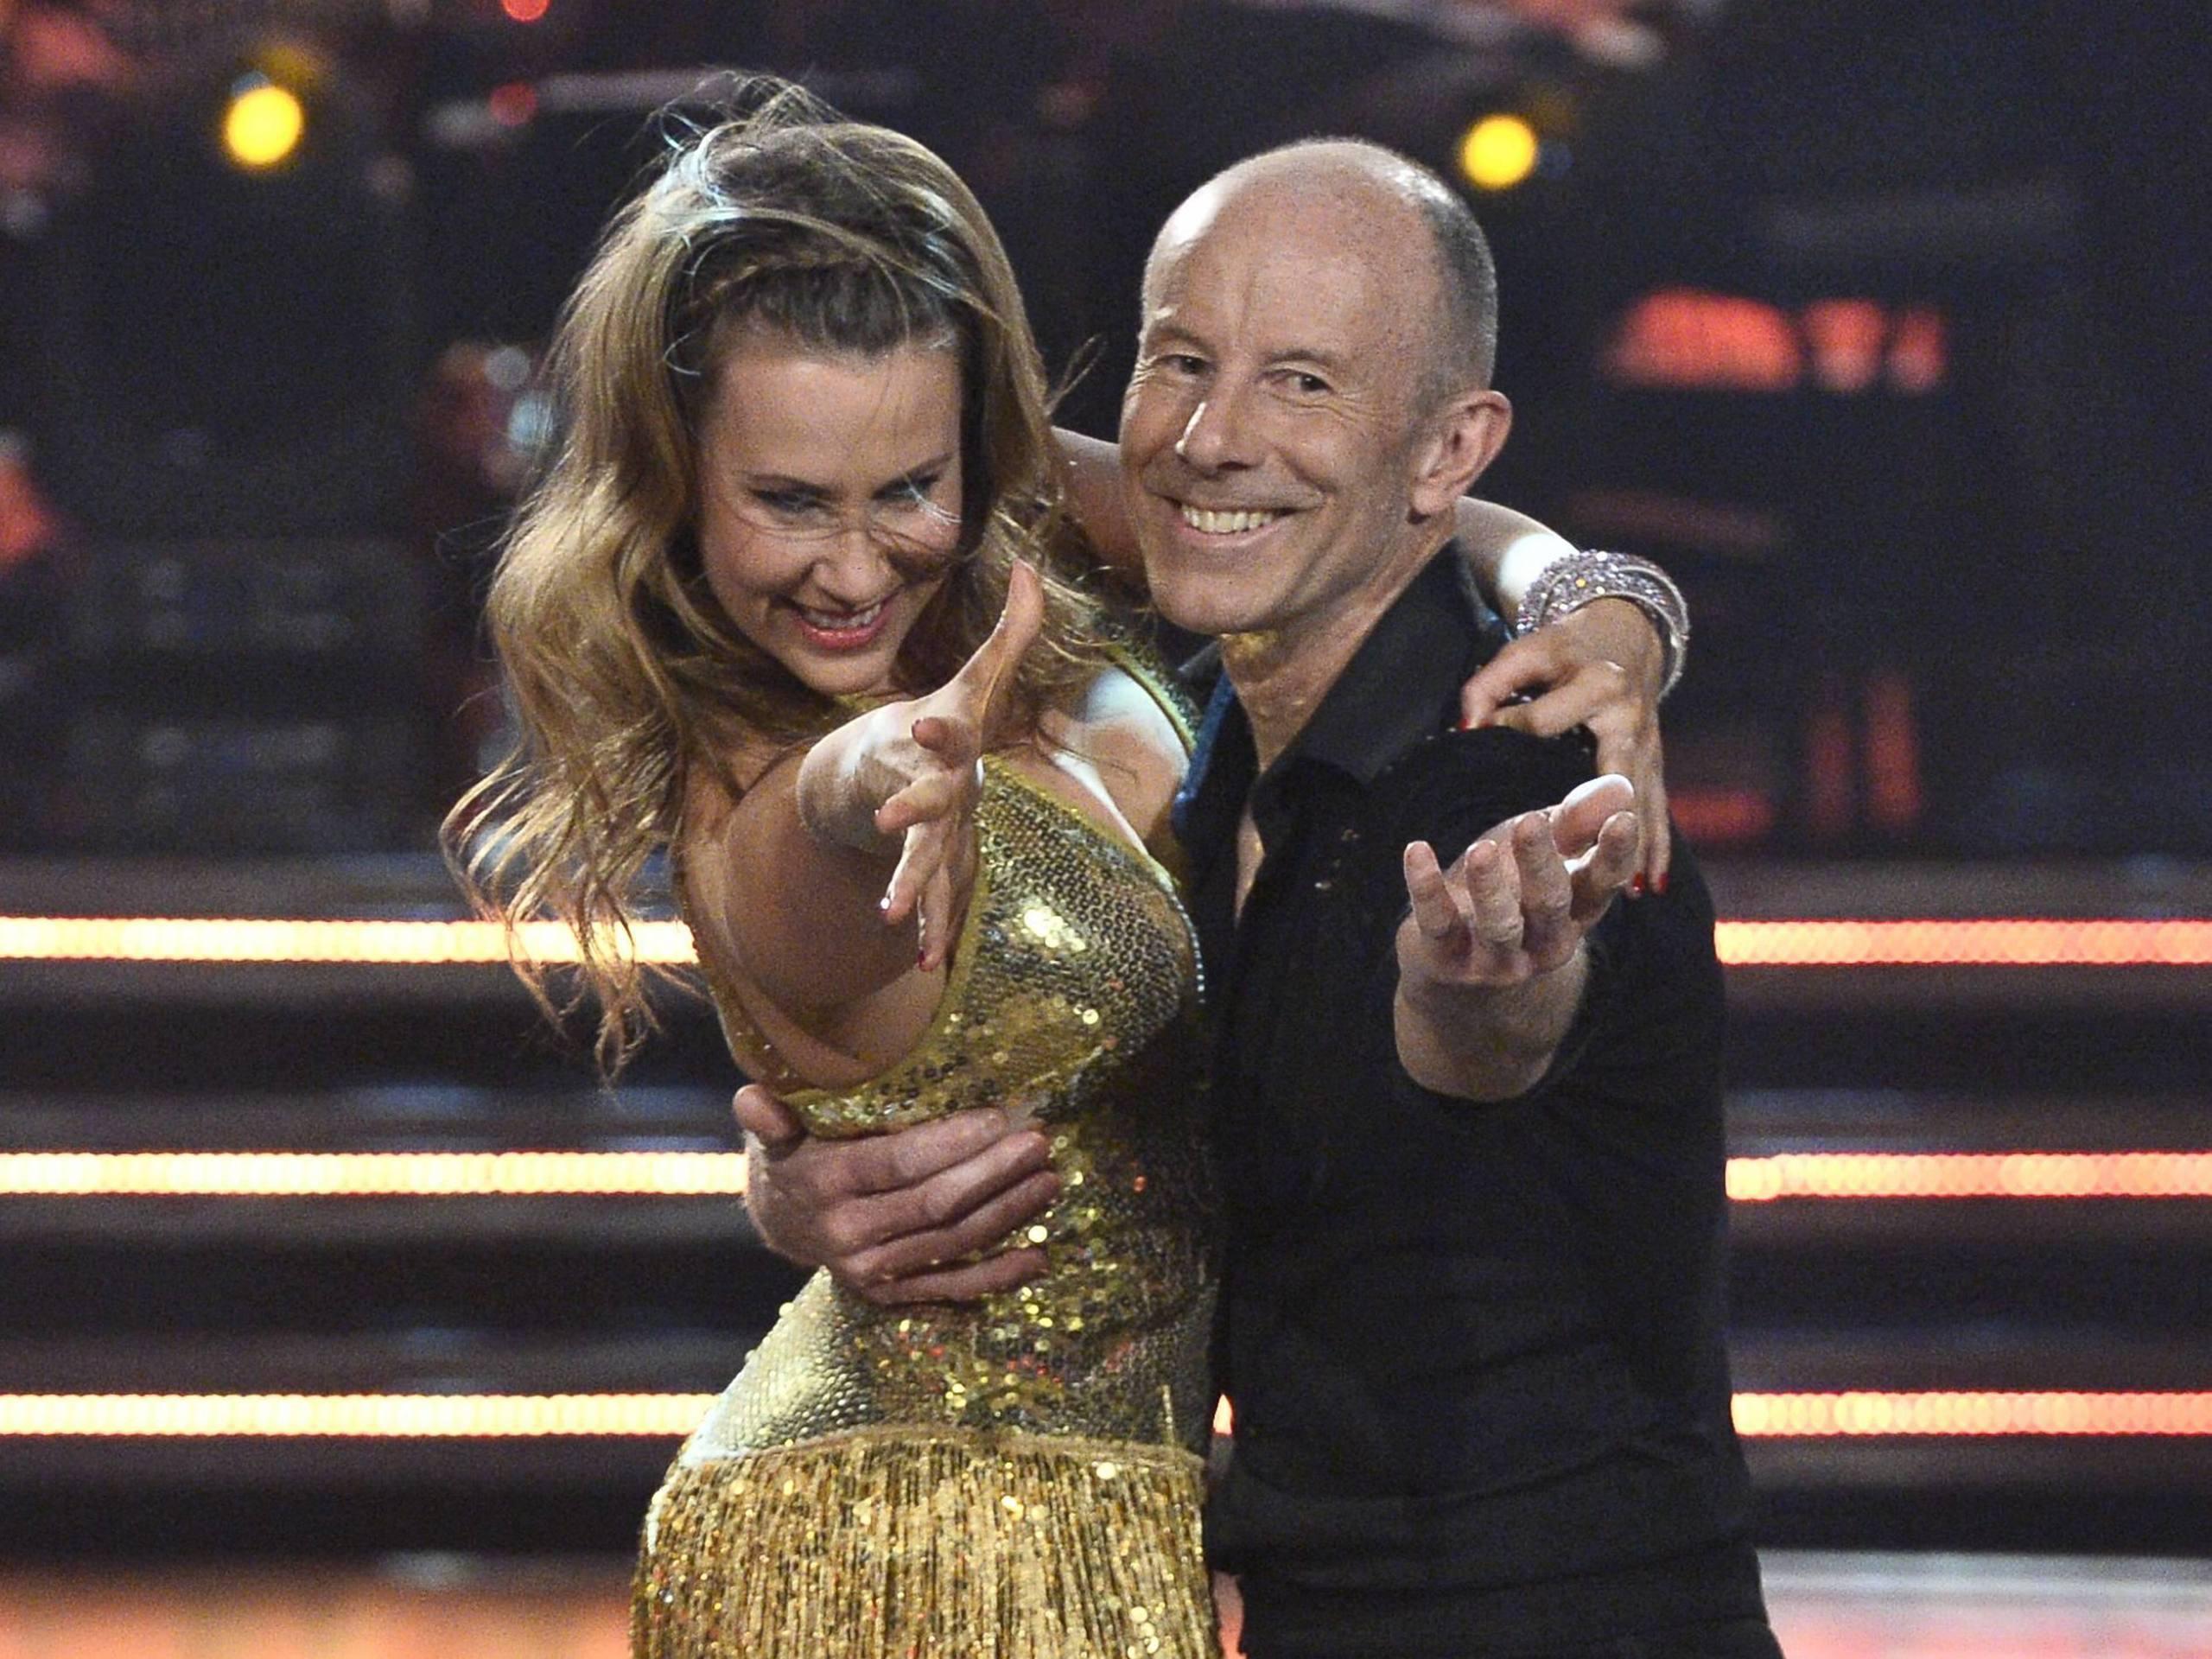 Martin och cecilia vann lets dance